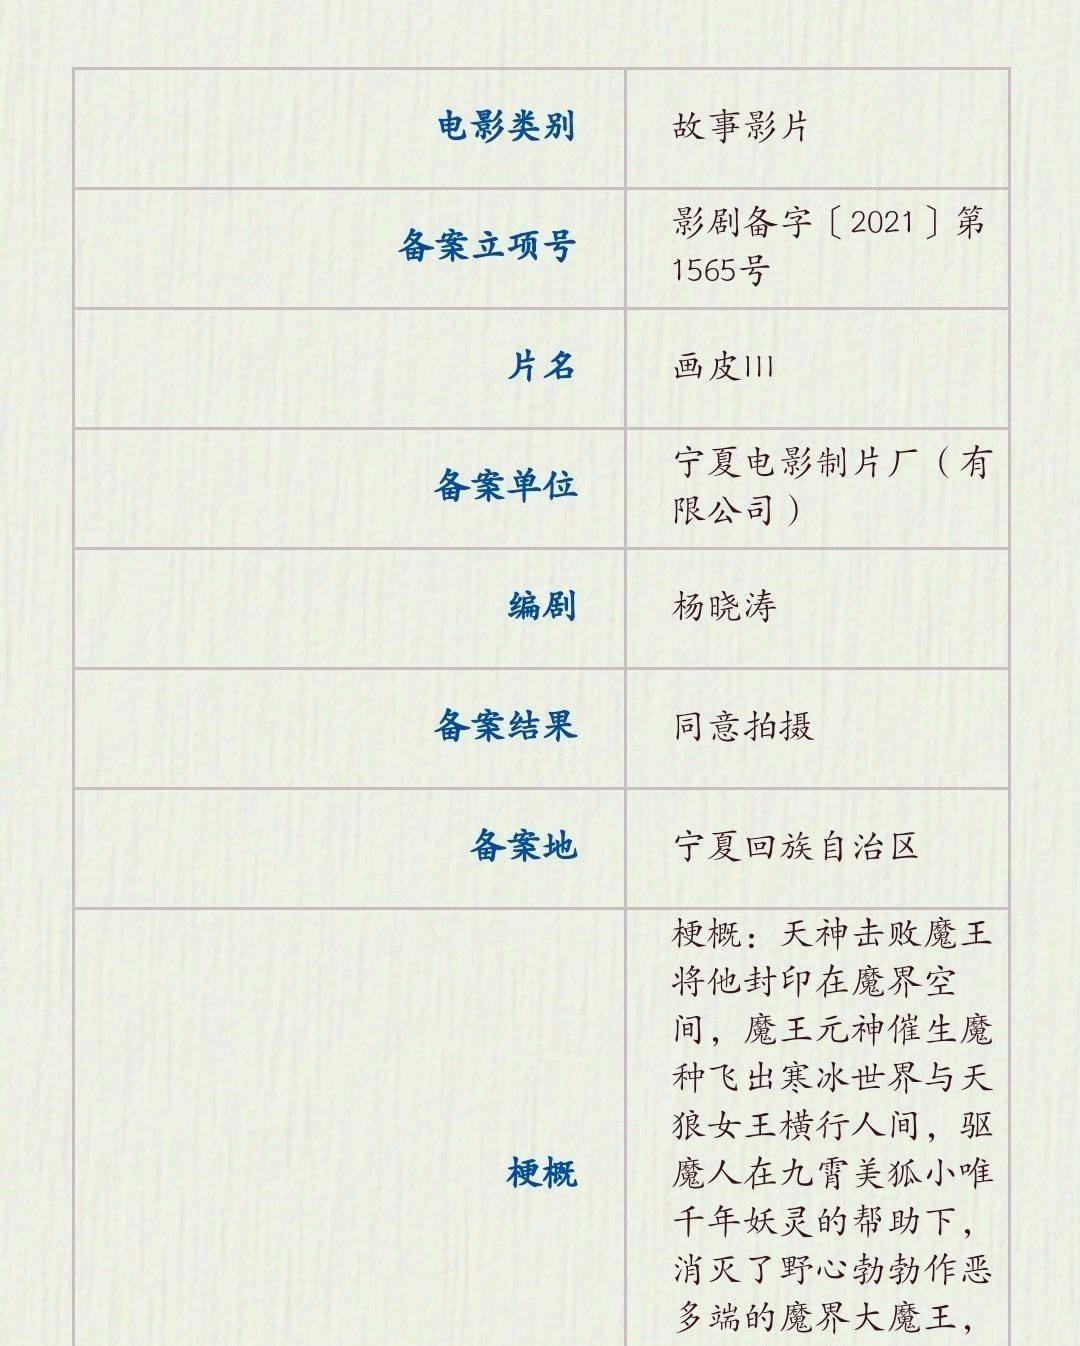 时隔9年,《画皮3》终于定了,赵薇、周迅、陈坤铁三角能否回归?